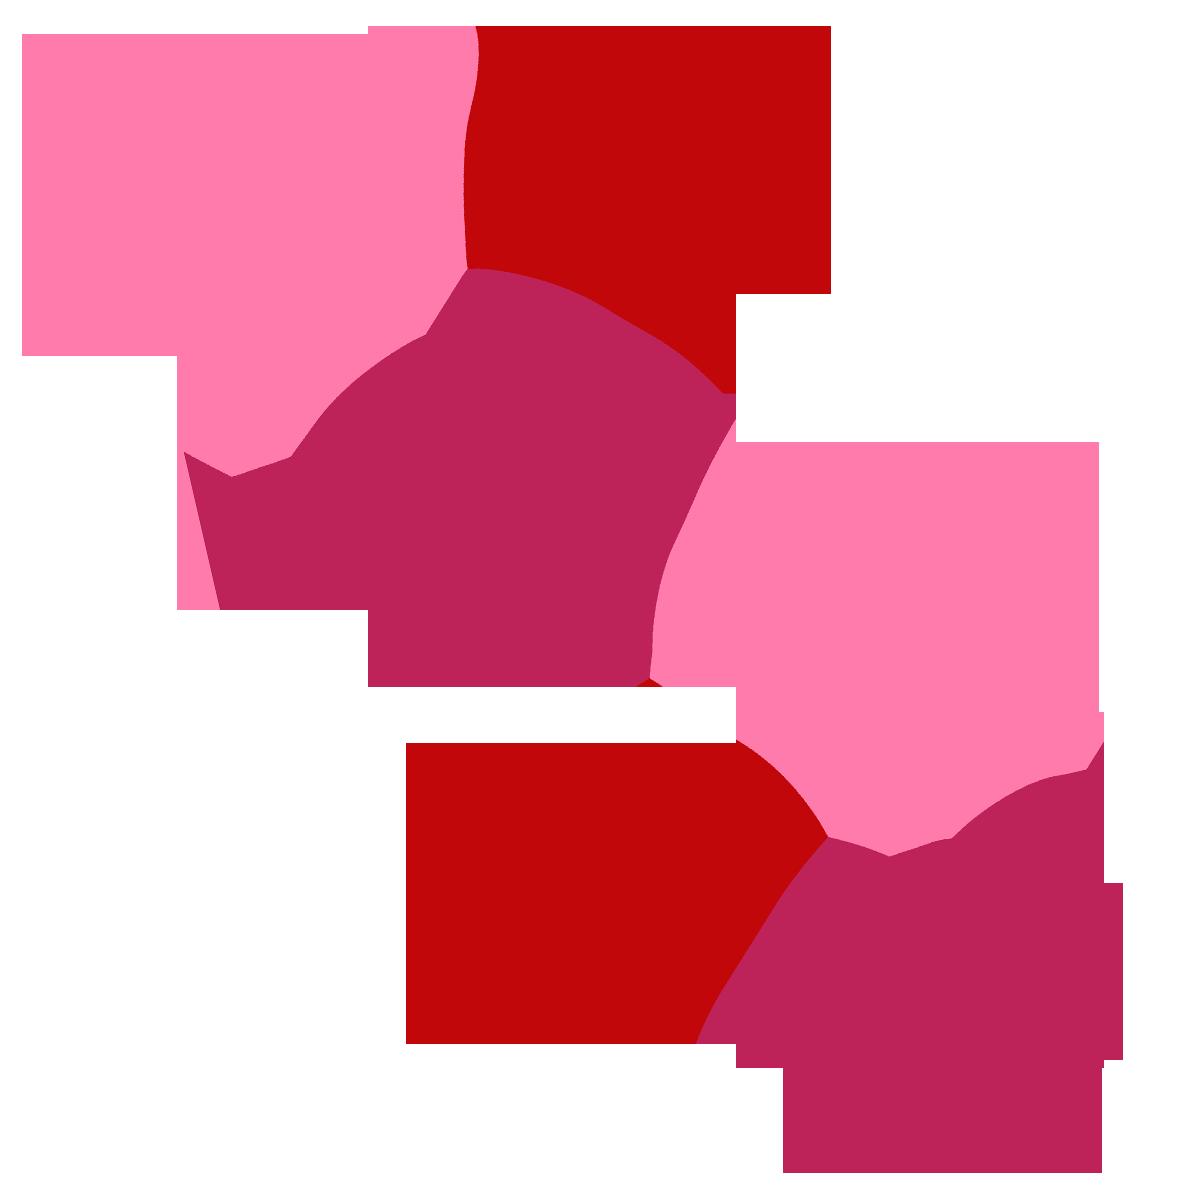 Hearts heart clip art heart image 3